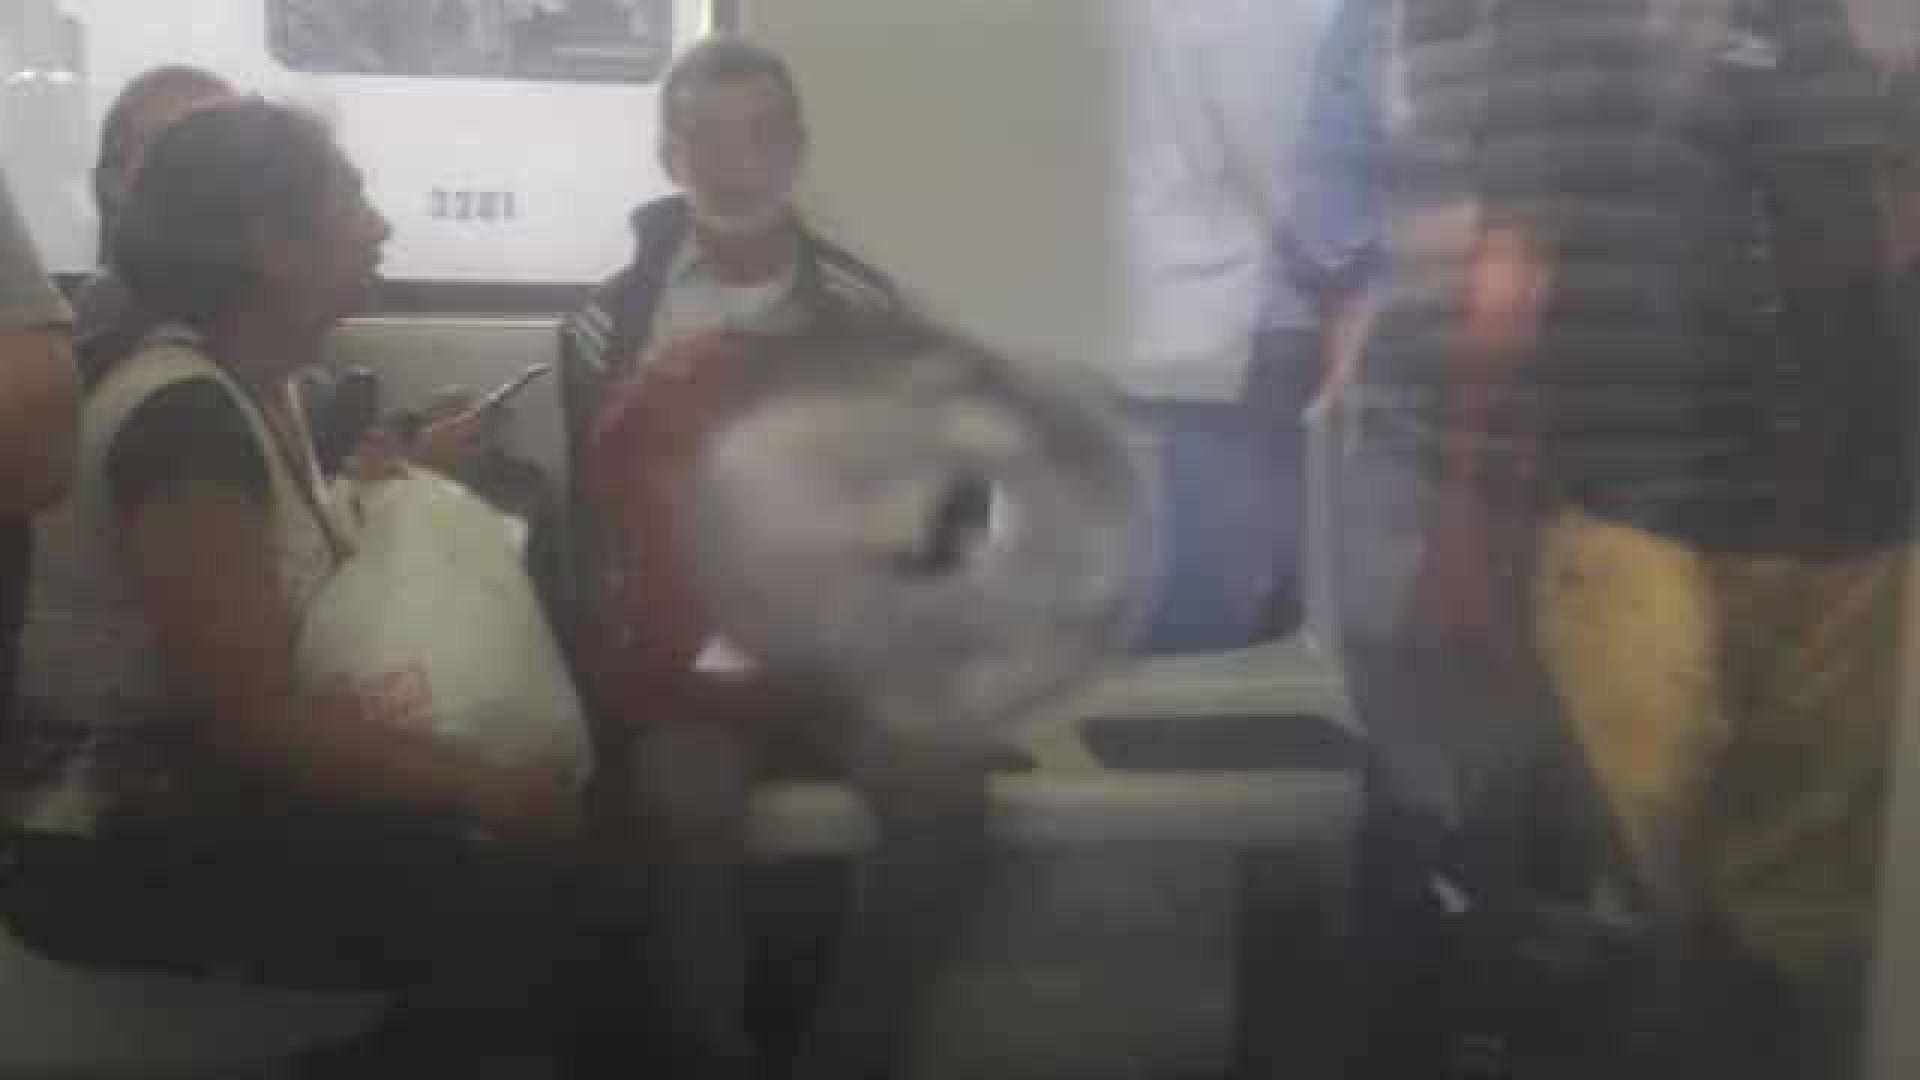 Policial agride vendedor e efetua disparo dentro de trem no Rio